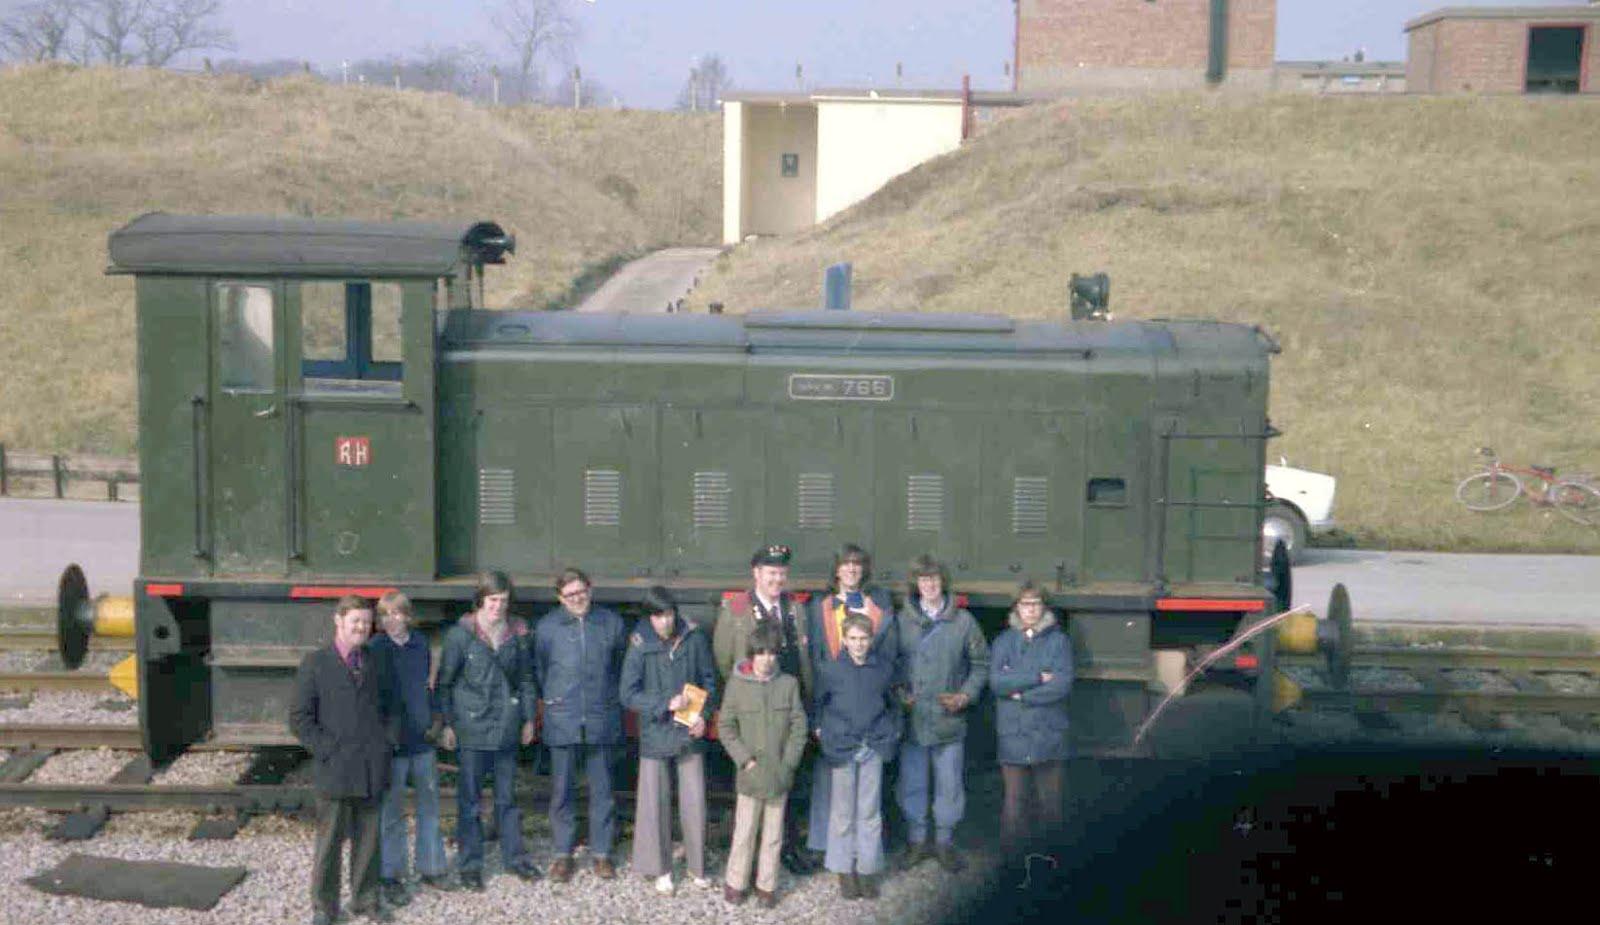 Bedenham Loco 1985